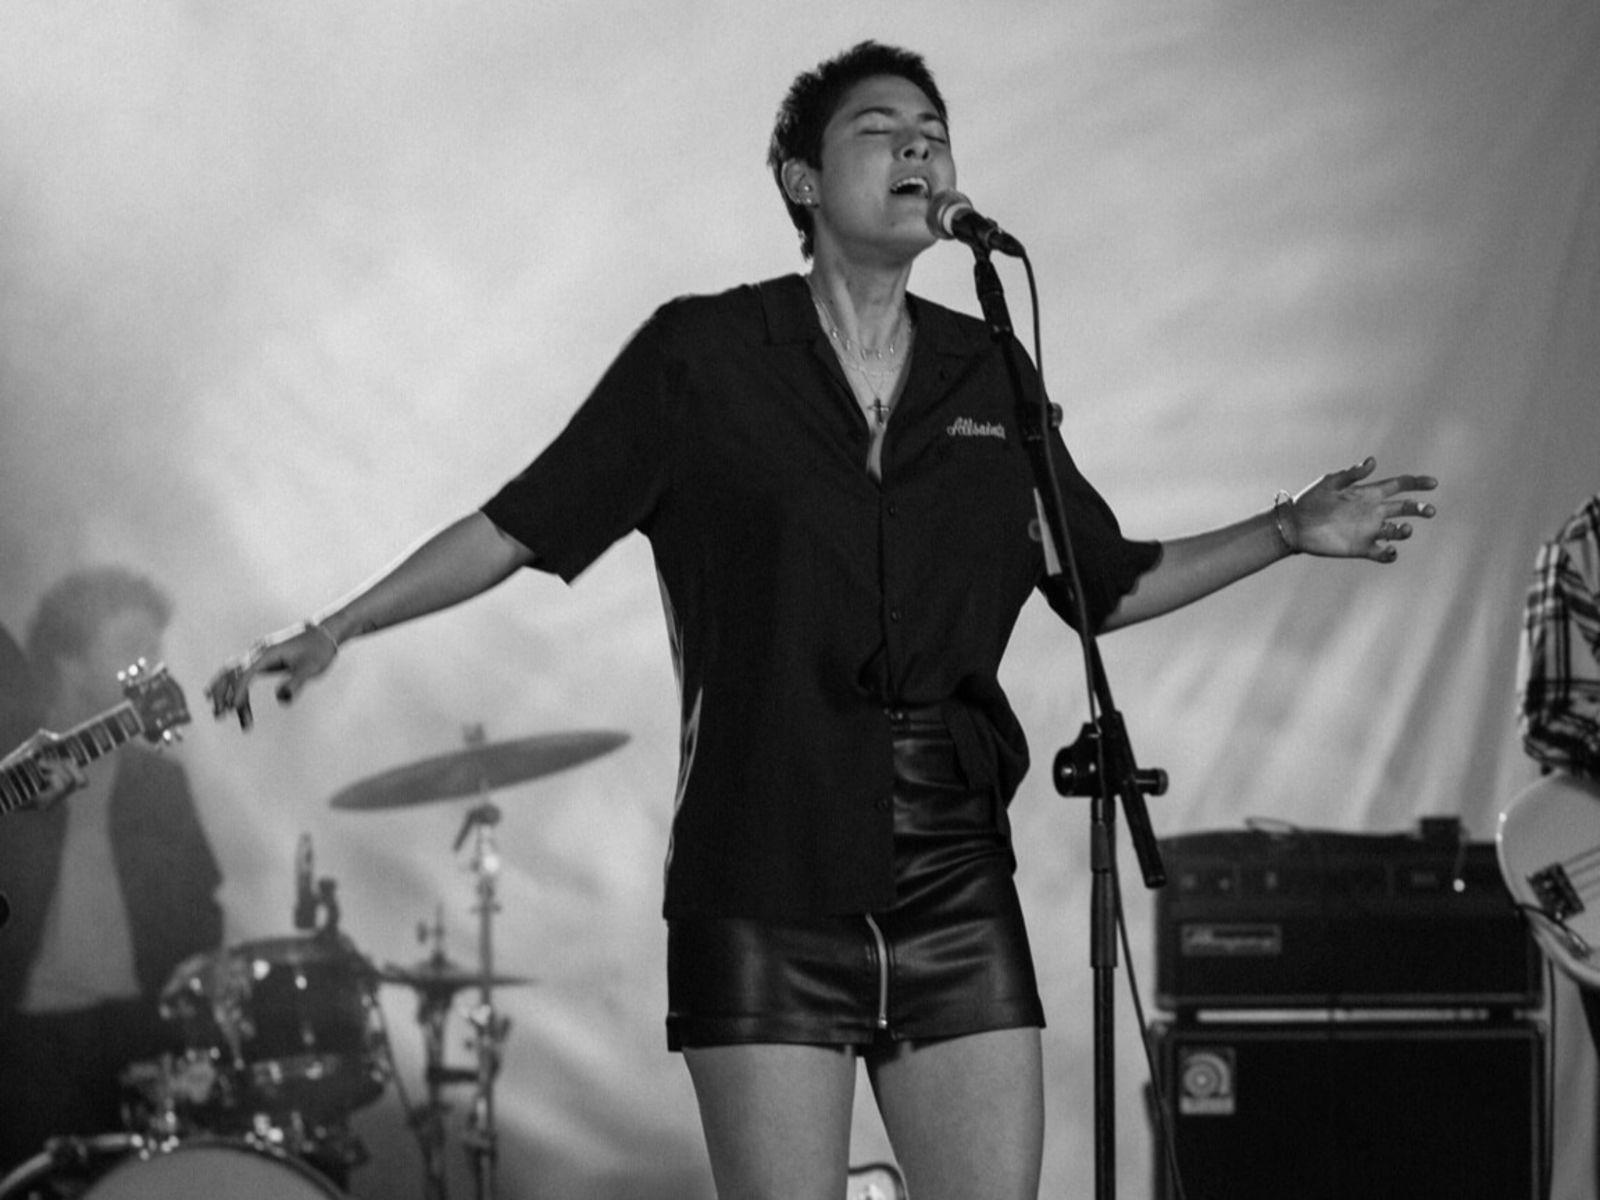 Black and white image of Miya Folick singing.